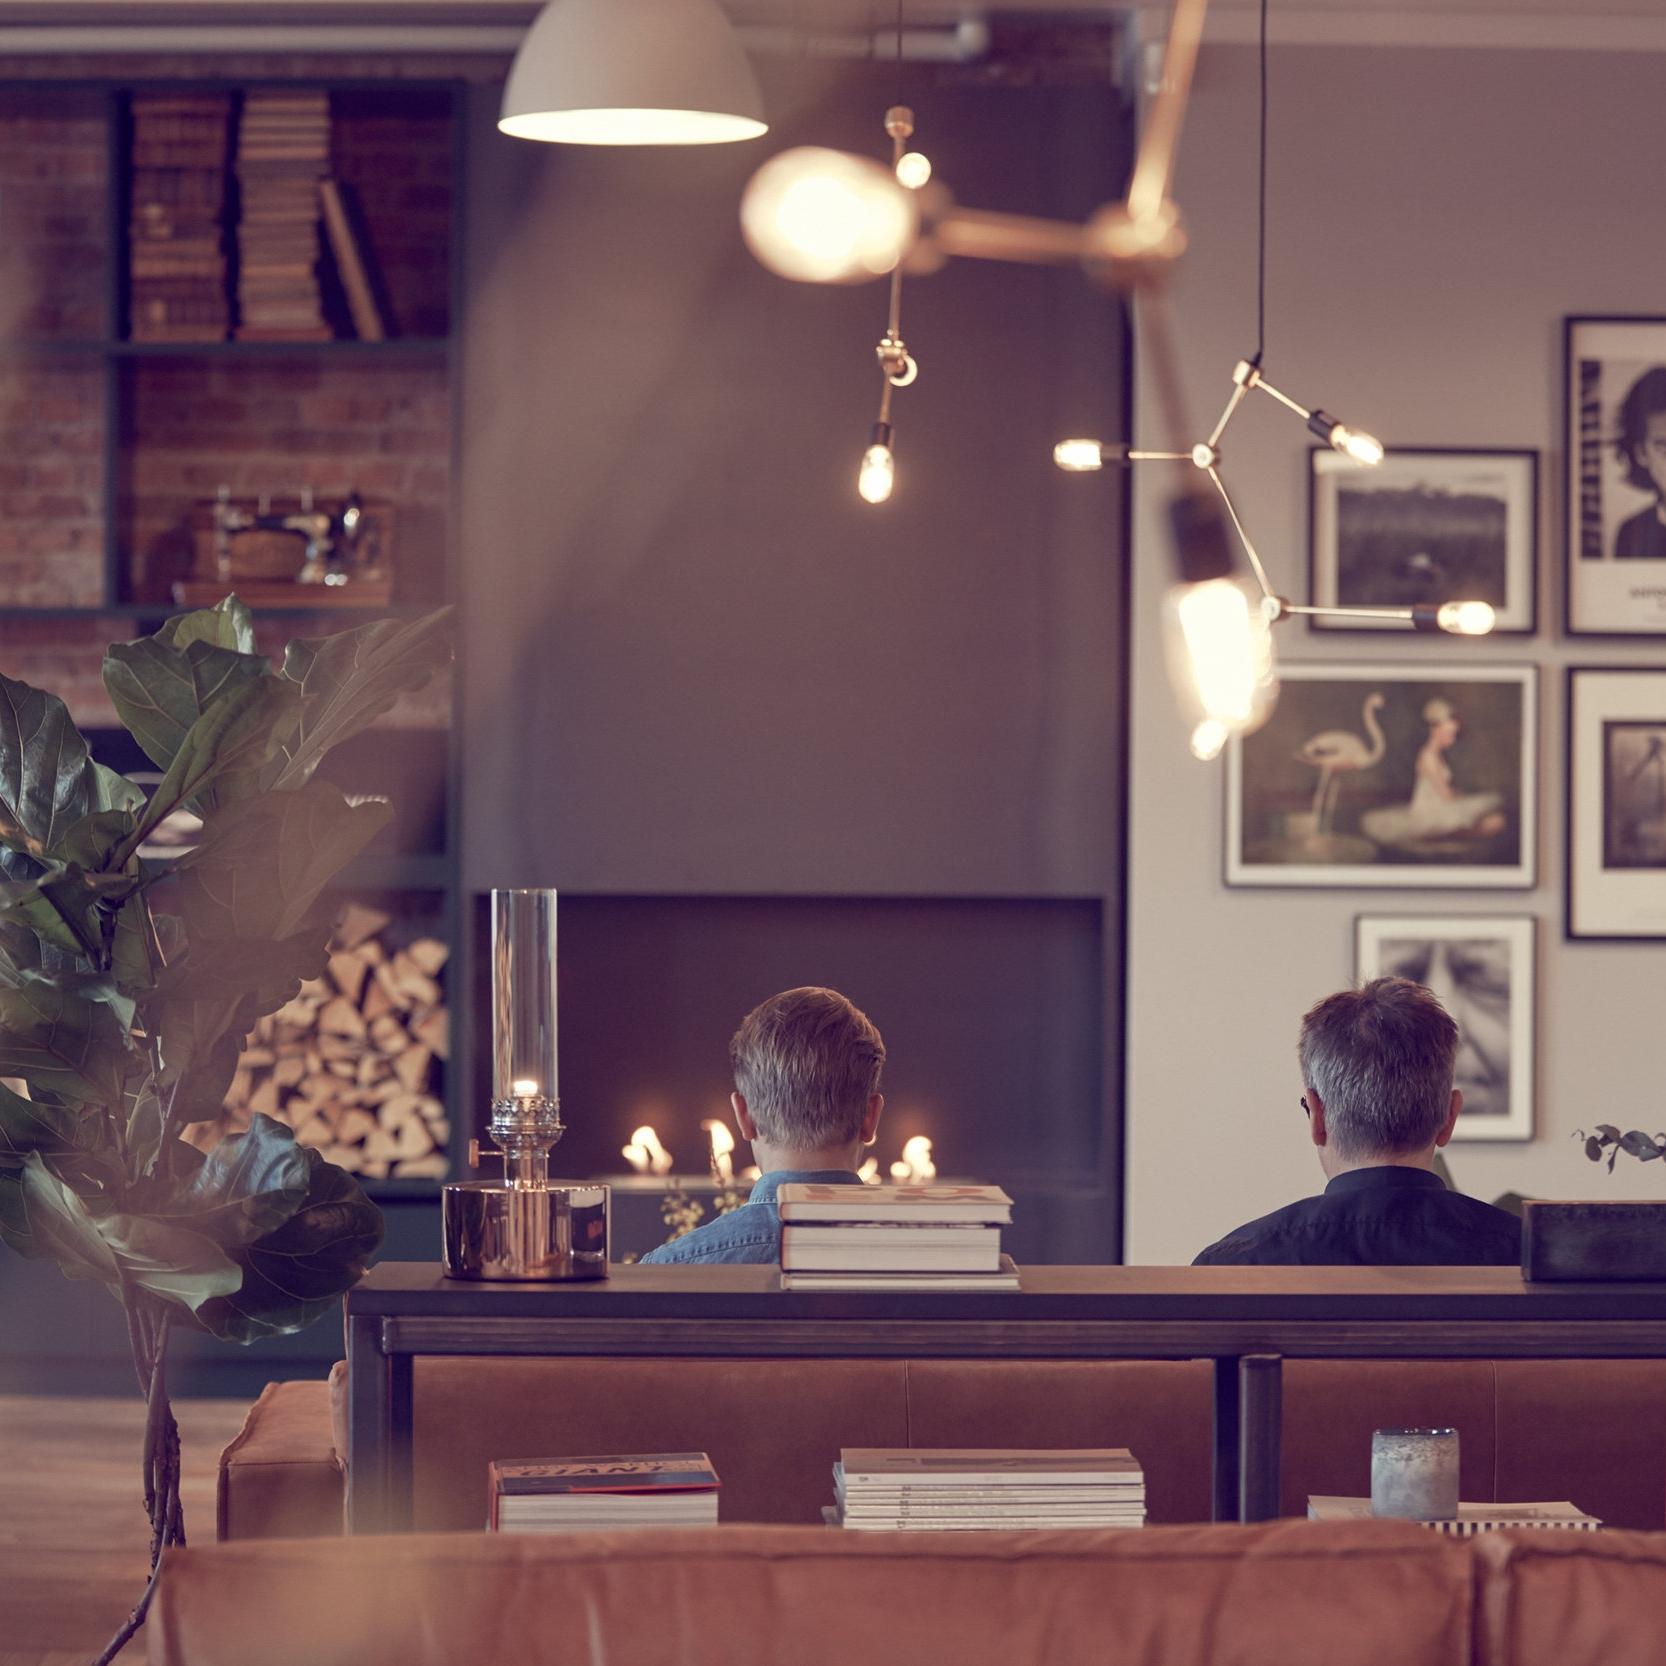 Nääs Fabriker - Från 2016 utvecklas Nääs Fabriker i flera etapper med 24 nya hotellrum, terass, badhus, konferenser, banketter, lobby och co-working ytor för företagare att arbeta i. Independent har varit med hela vägen tillsammans med arkitekt genom modellen Independering med syfte att fatta rätt investeringsbeslut mot vision och koncept. Över tid har vi kostnadsstyrt, samordnat och upphandlat all lös- och specialinredning. Högsta möjliga resultat med visionen intakt har varit projektets konstanta fokus, för vår beställare och deras gäst med Nääs Fabriker som en destination.Arkitekt: Henrik ShultzFotograf: Kim Larsson